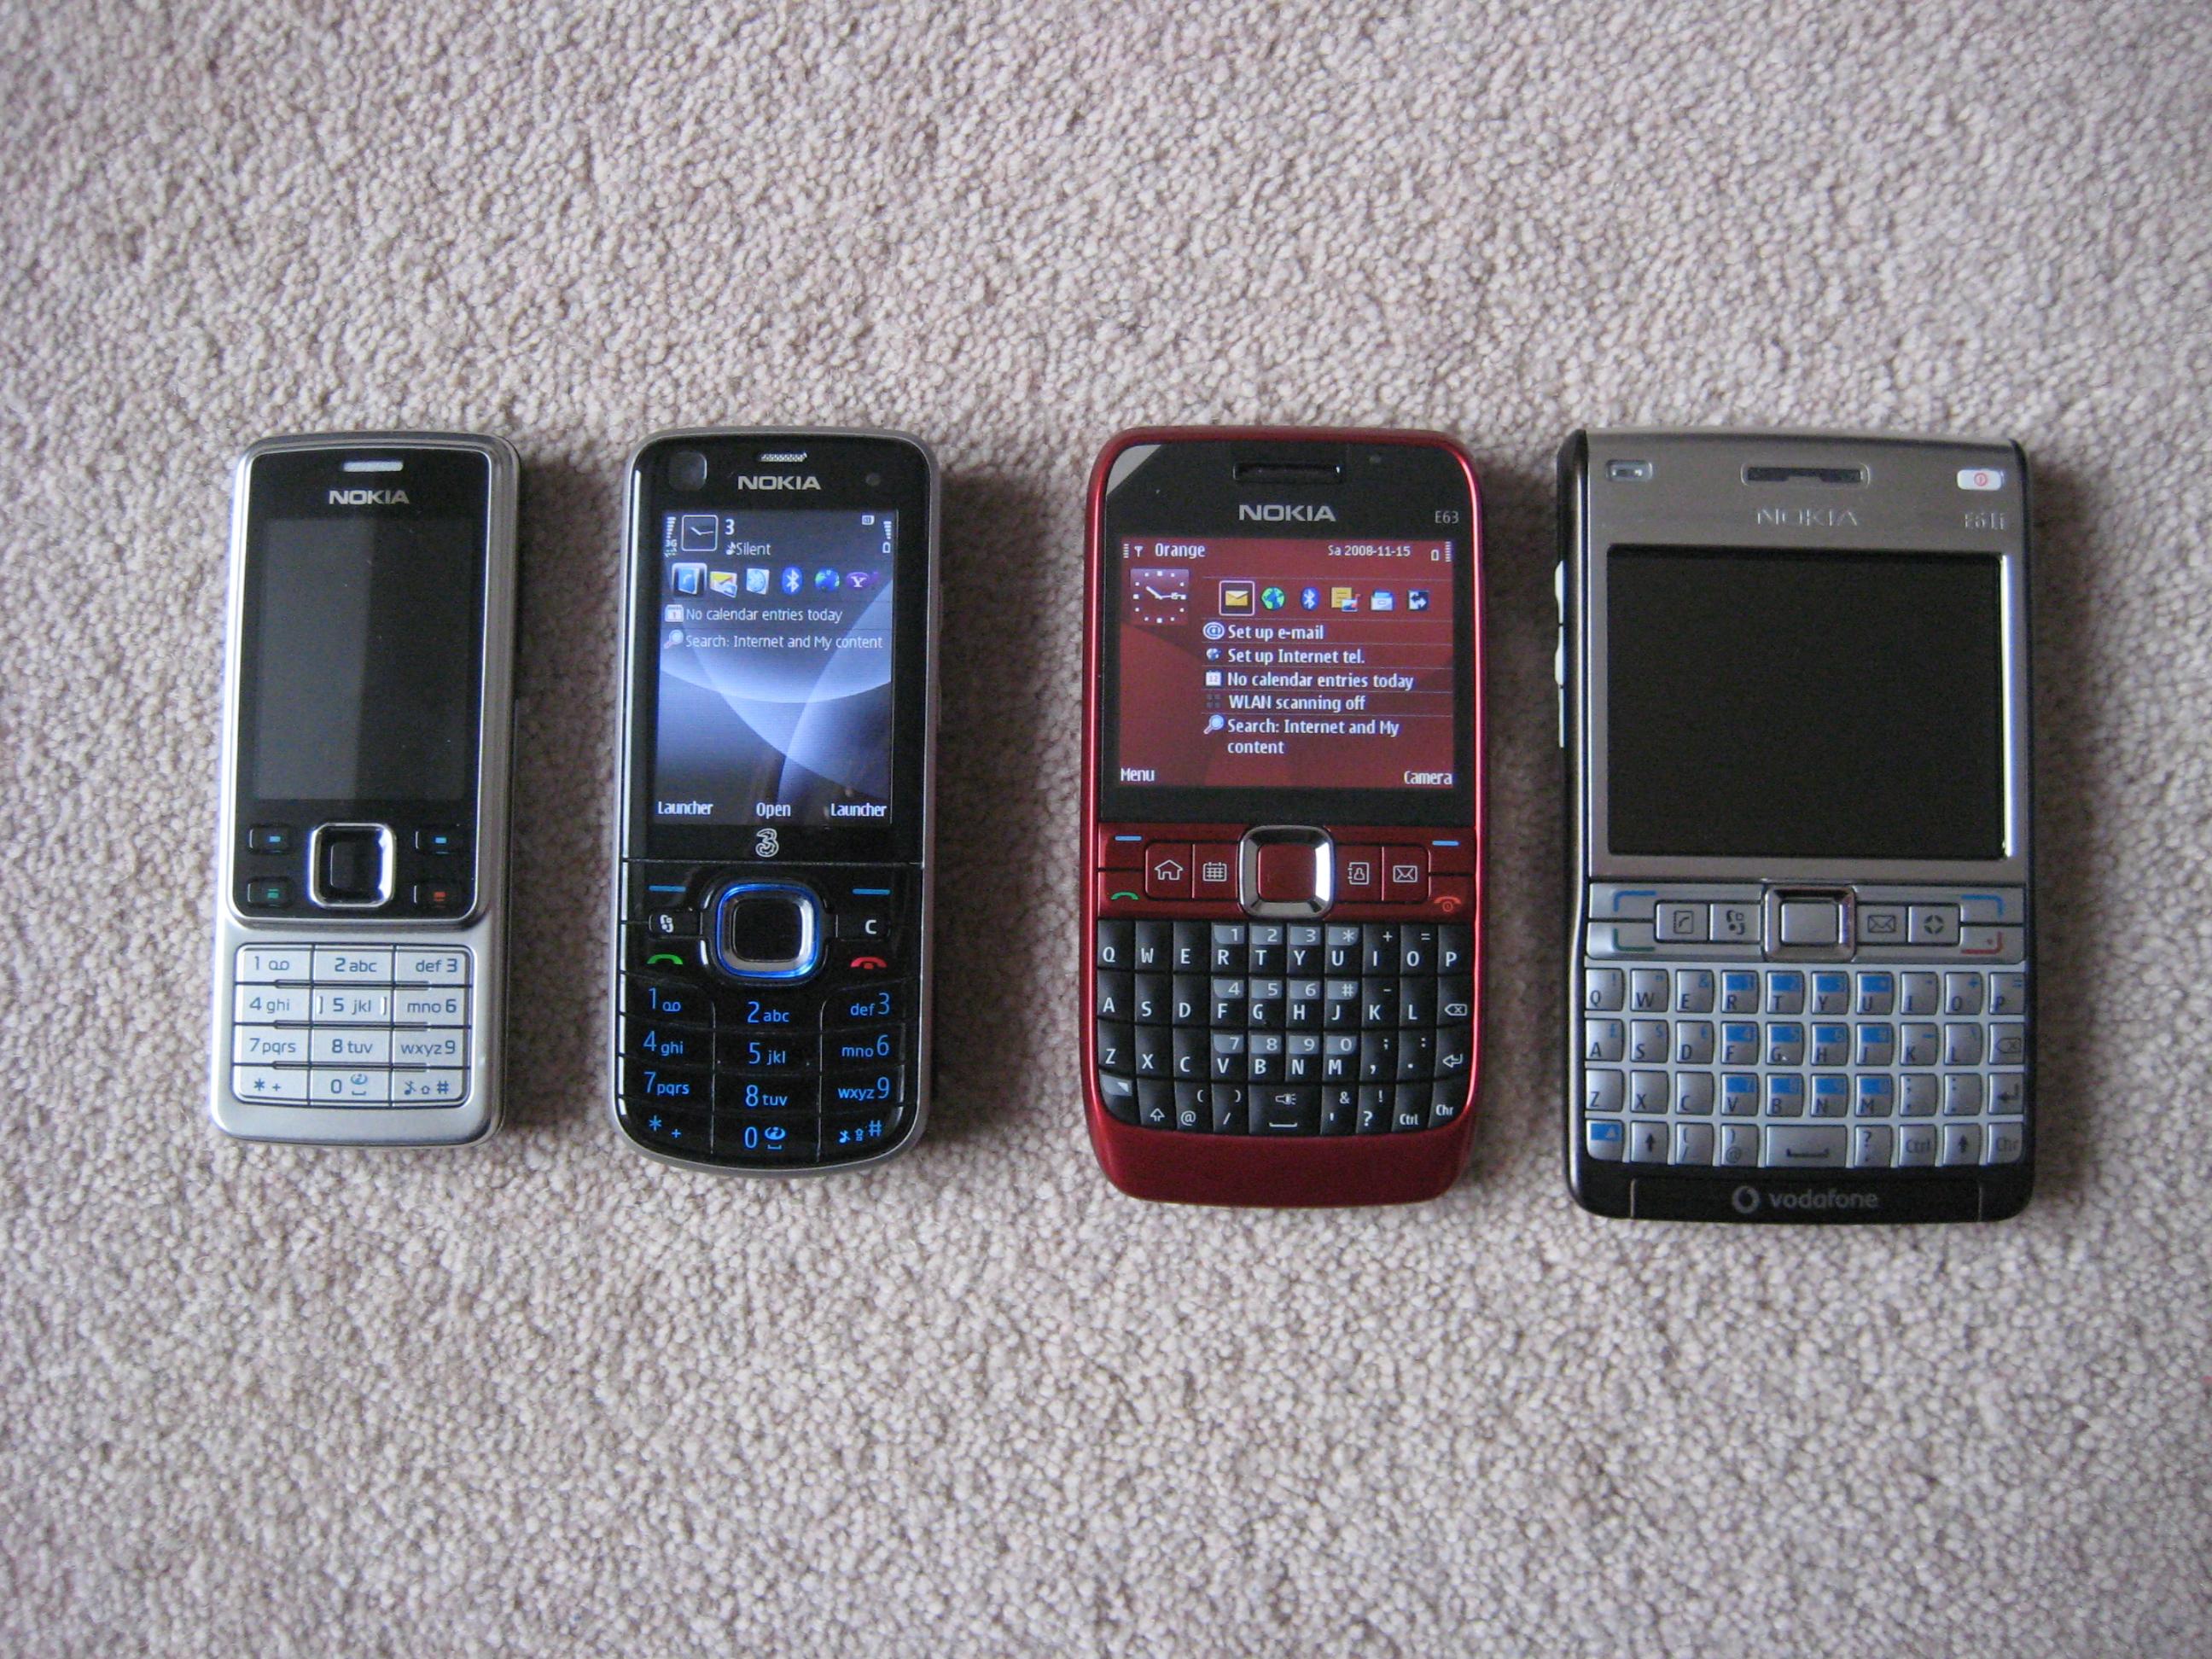 Nokia E63 - SAR Levels